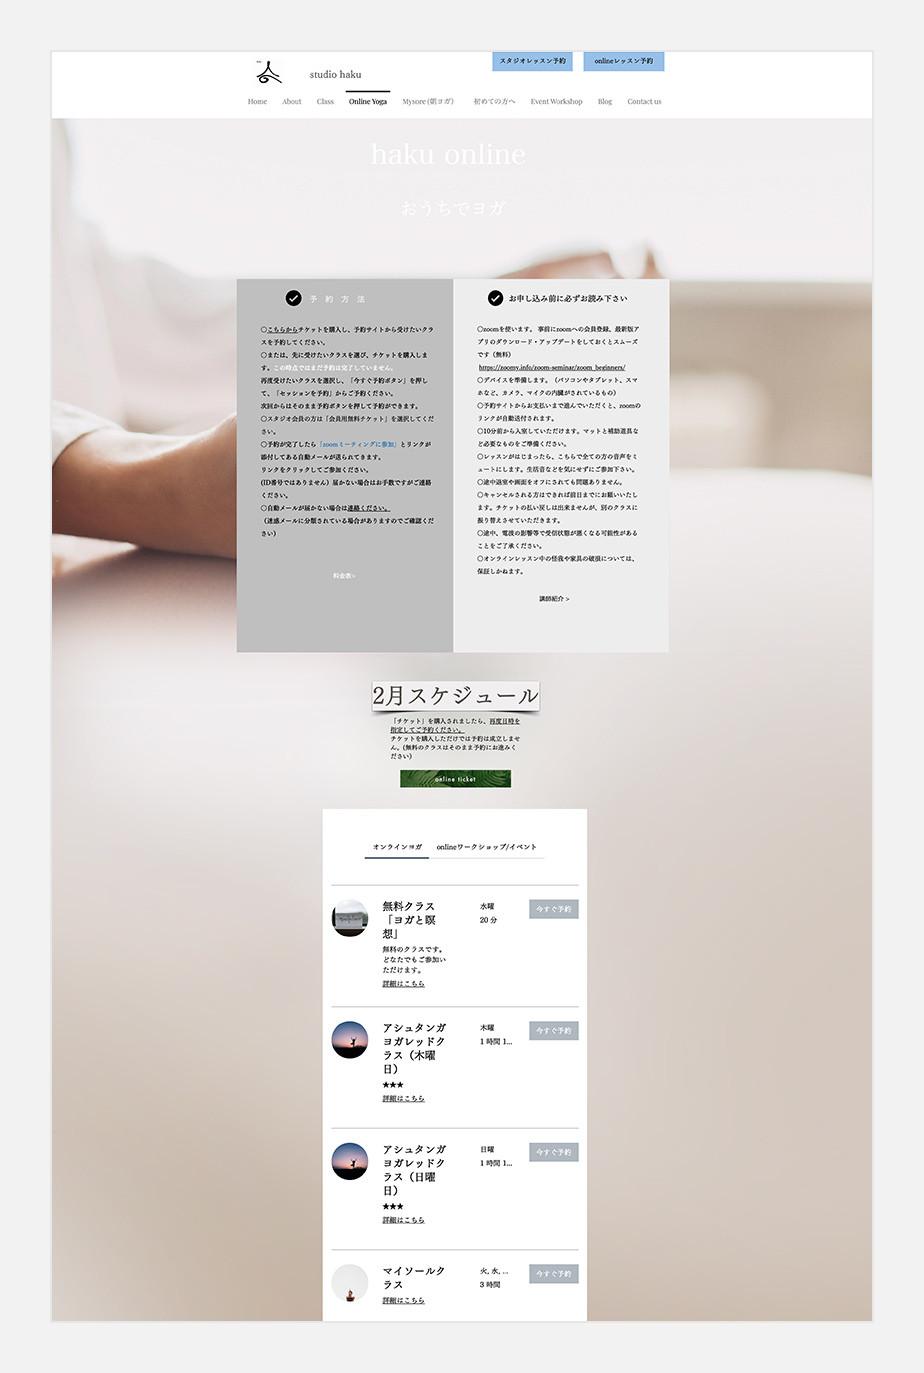 studio hakuのオンライン予約サイト